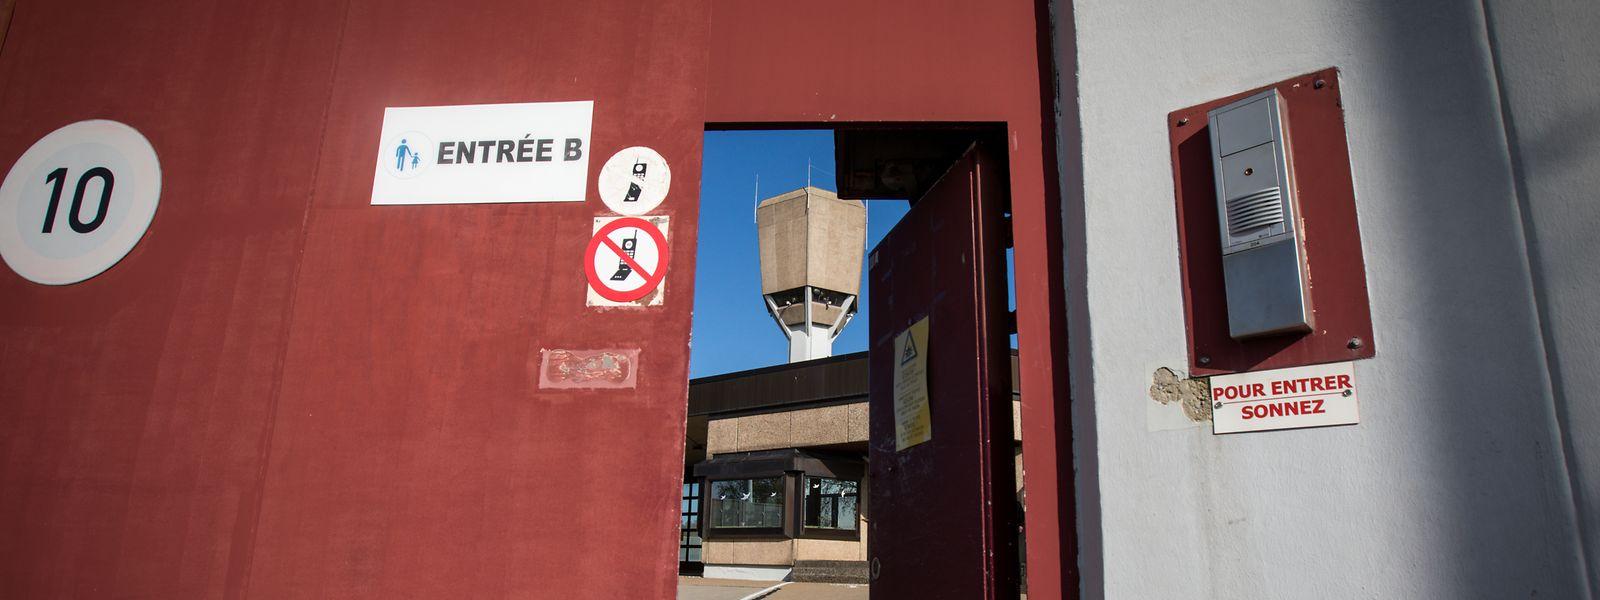 Die Mauern der Strafvollzugsanstalt in Schrassig sind allgemein bekannt. Was sich dahinter abspielt, wissen nur die wenigsten.